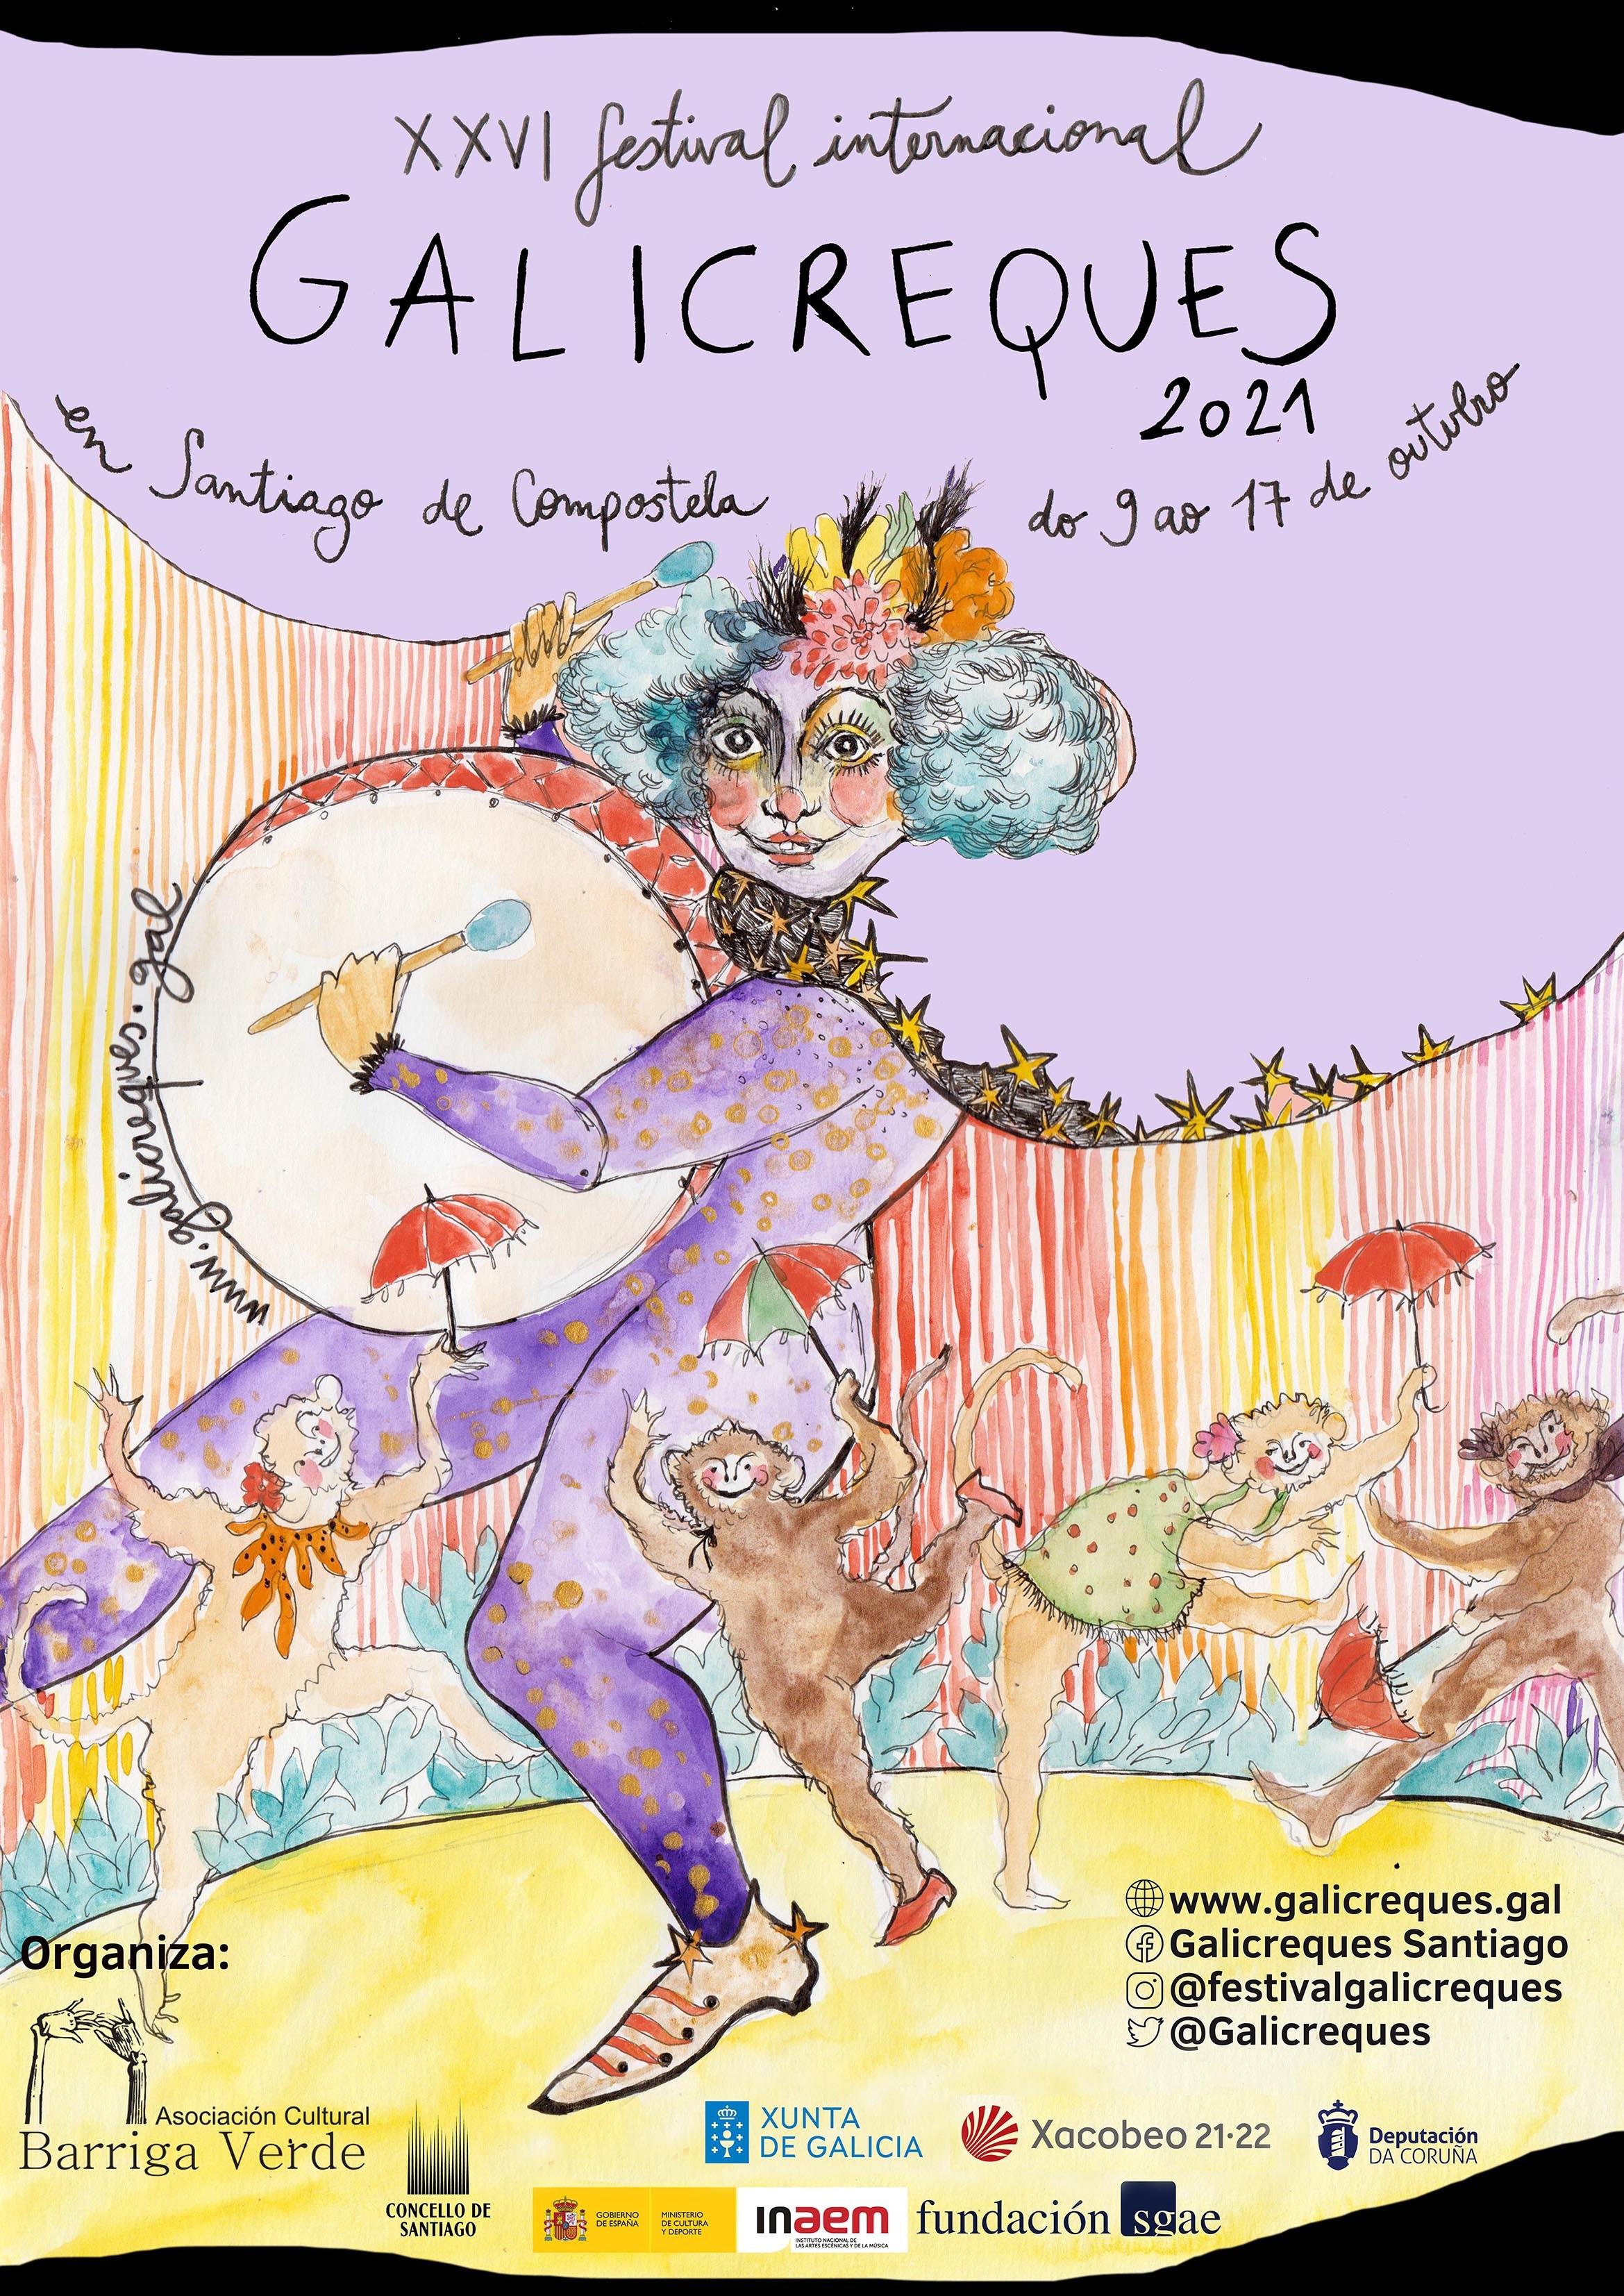 GALICIA.-El XXVI Festival Galicreques, que se celebrará entre el 9 y el 17  de octubre, recuperará las funciones escolares